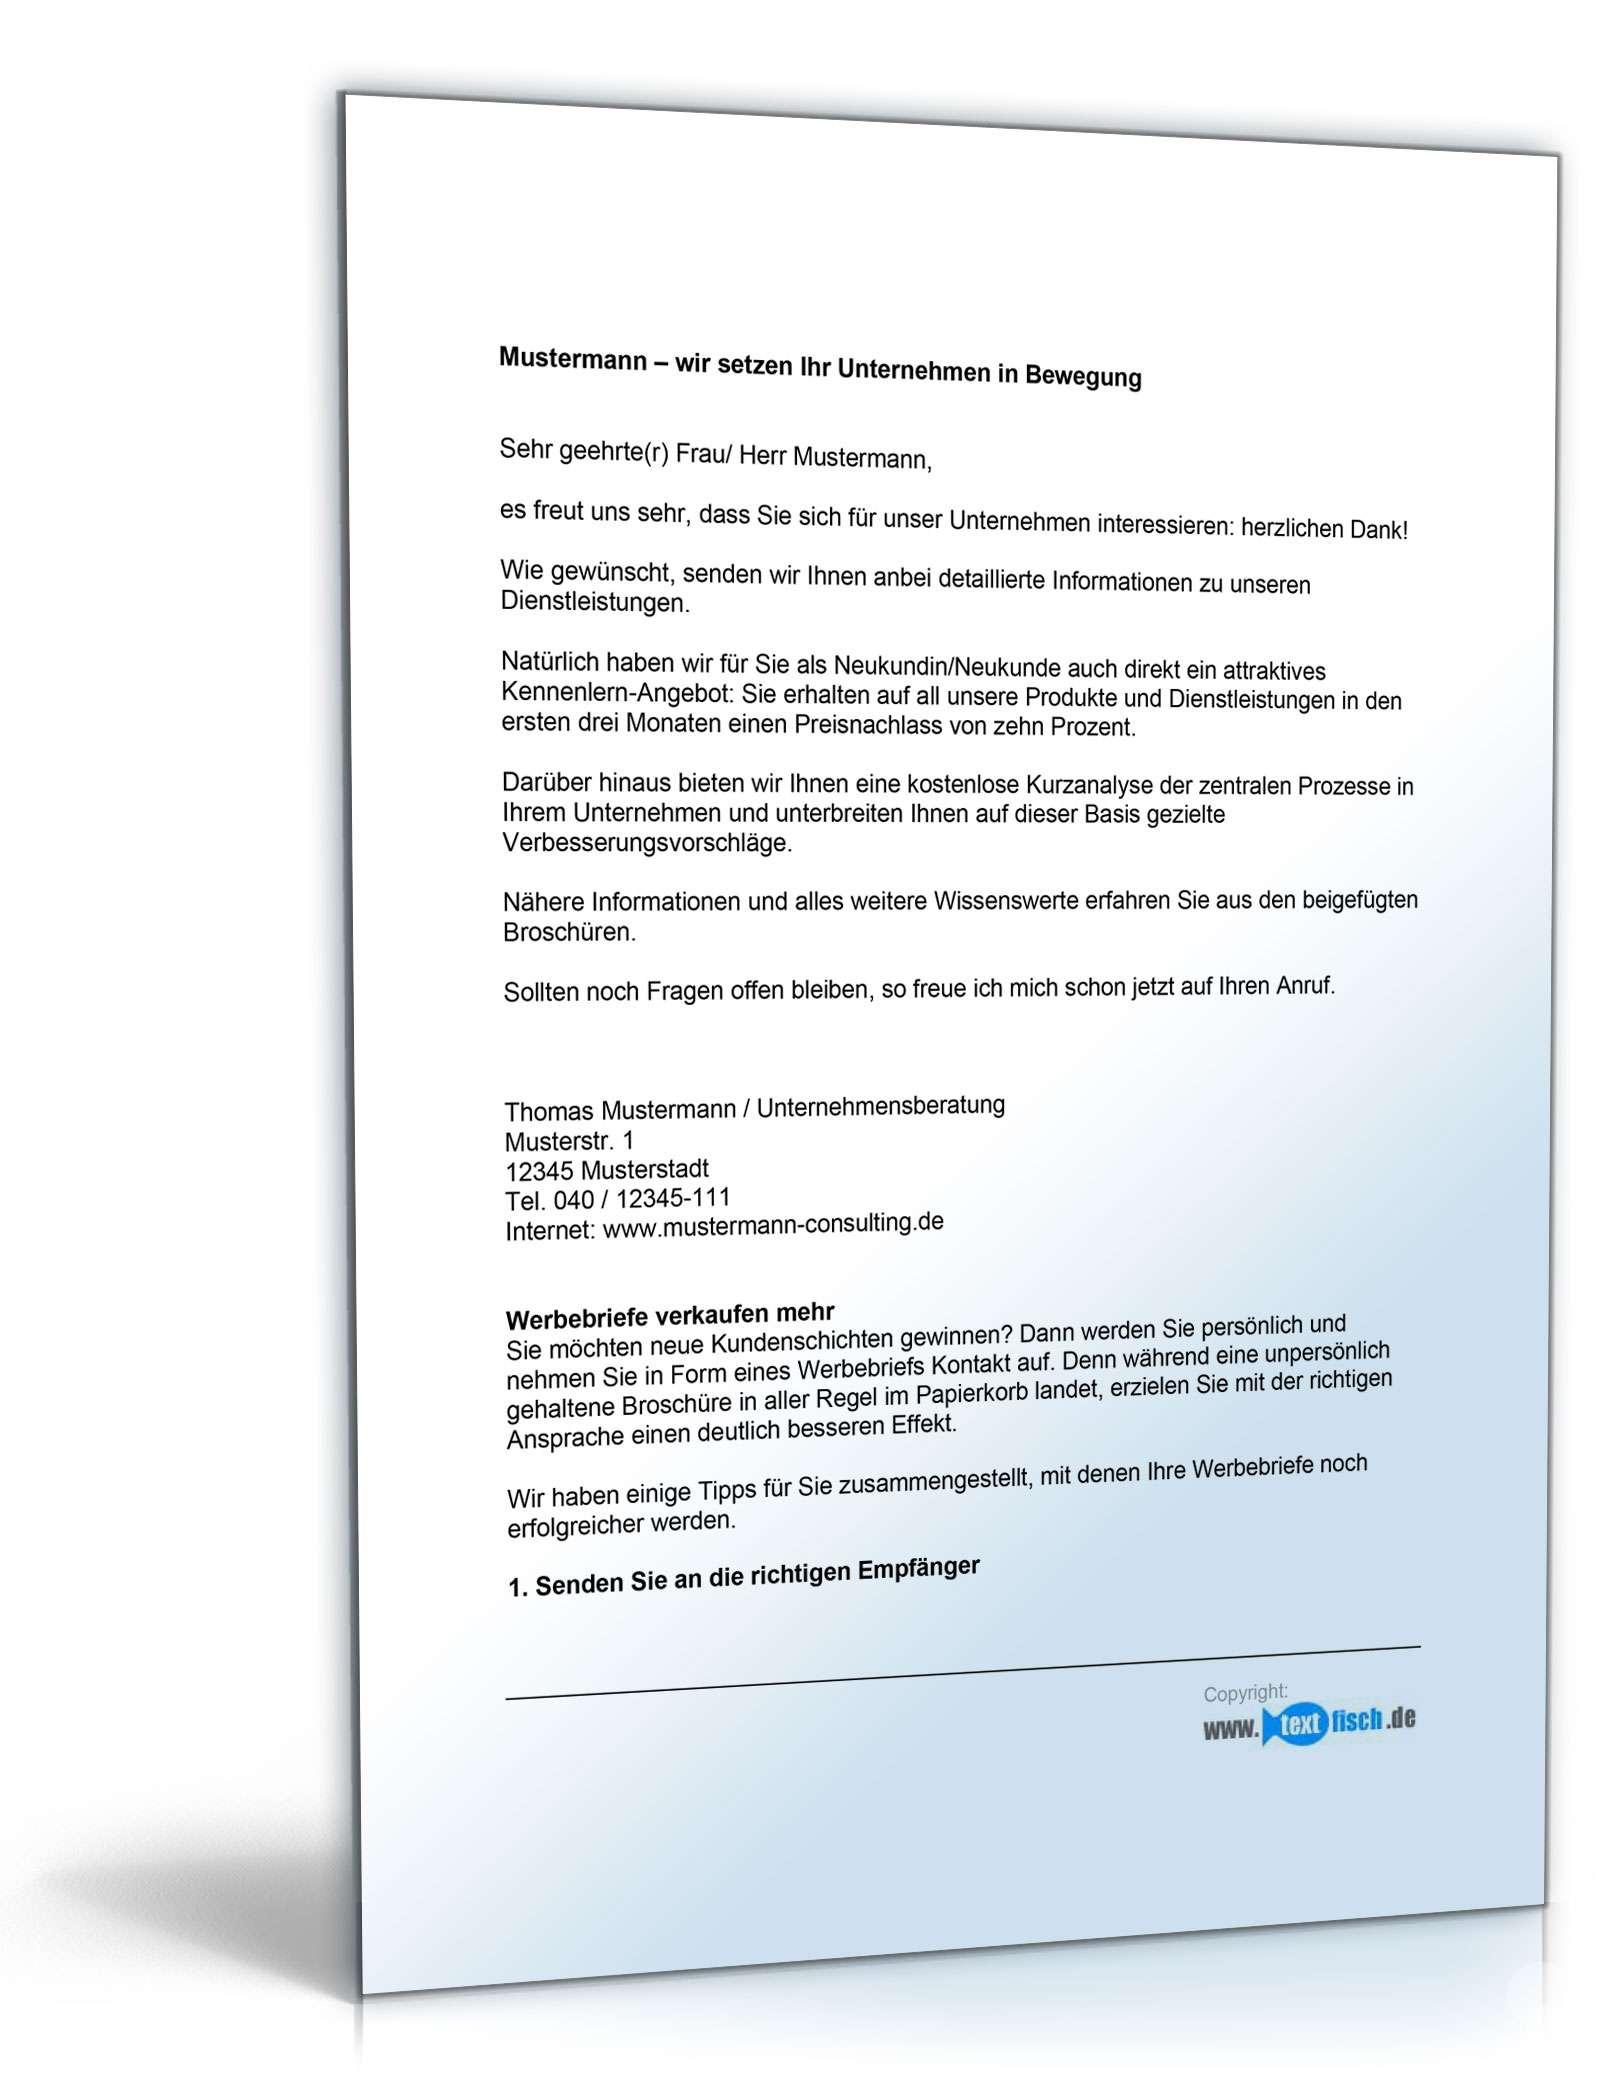 Brief Für Zipfelwitz : Werbebrief für eine unternehmensberatung mit infomaterial